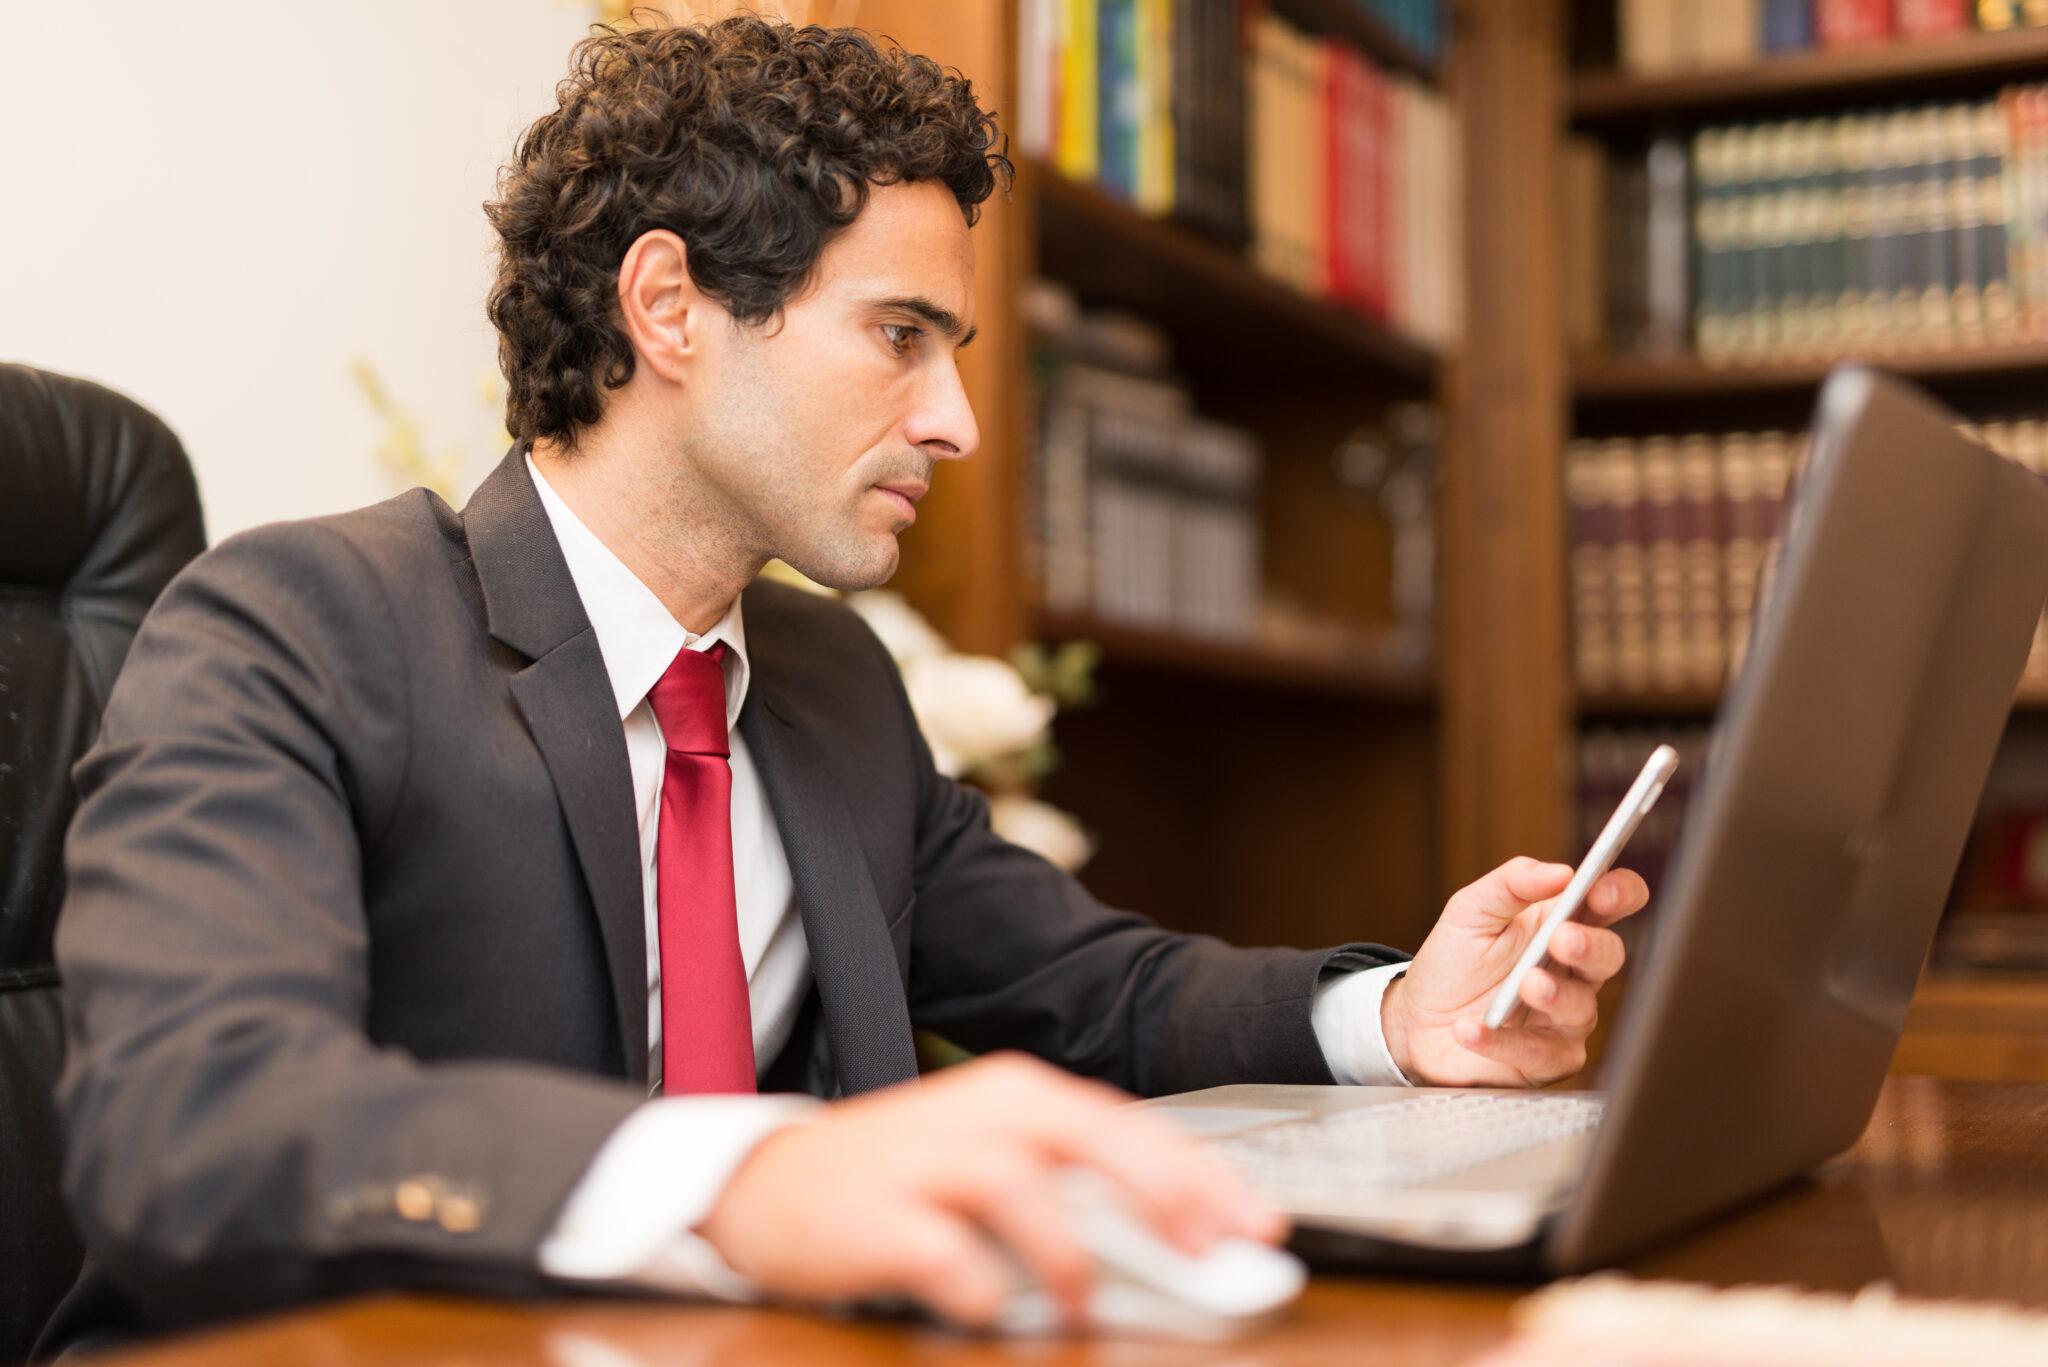 Juriste avec une belle cravate rouge sur son pc et son smartphone MGA